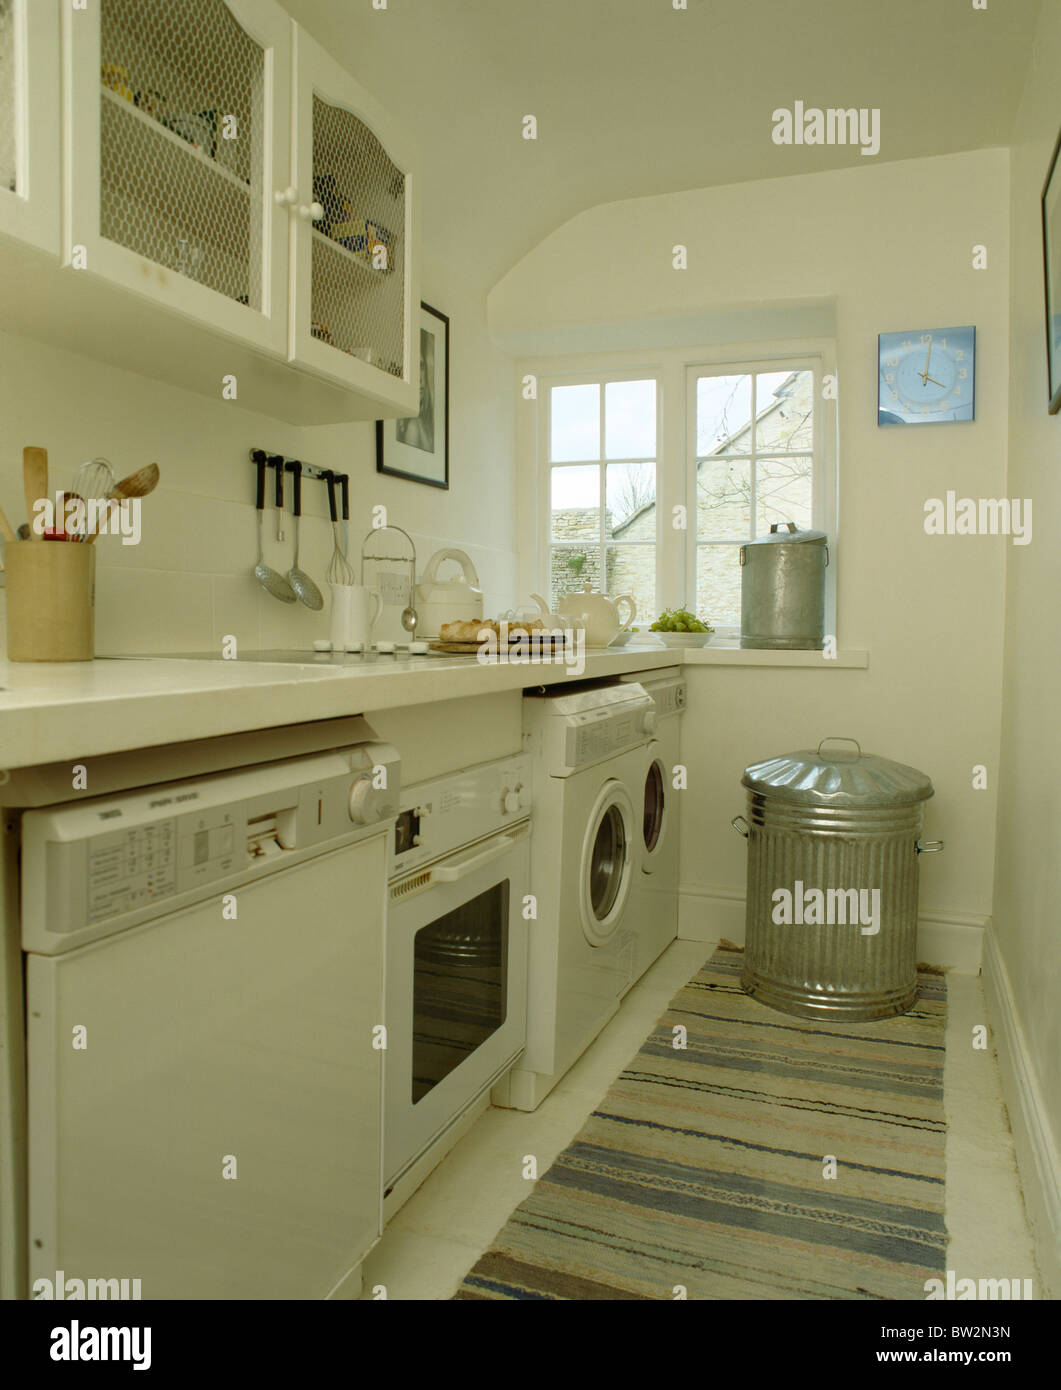 Geschirrspüler und Backofen und Waschmaschine unter Arbeitsplatte in ...